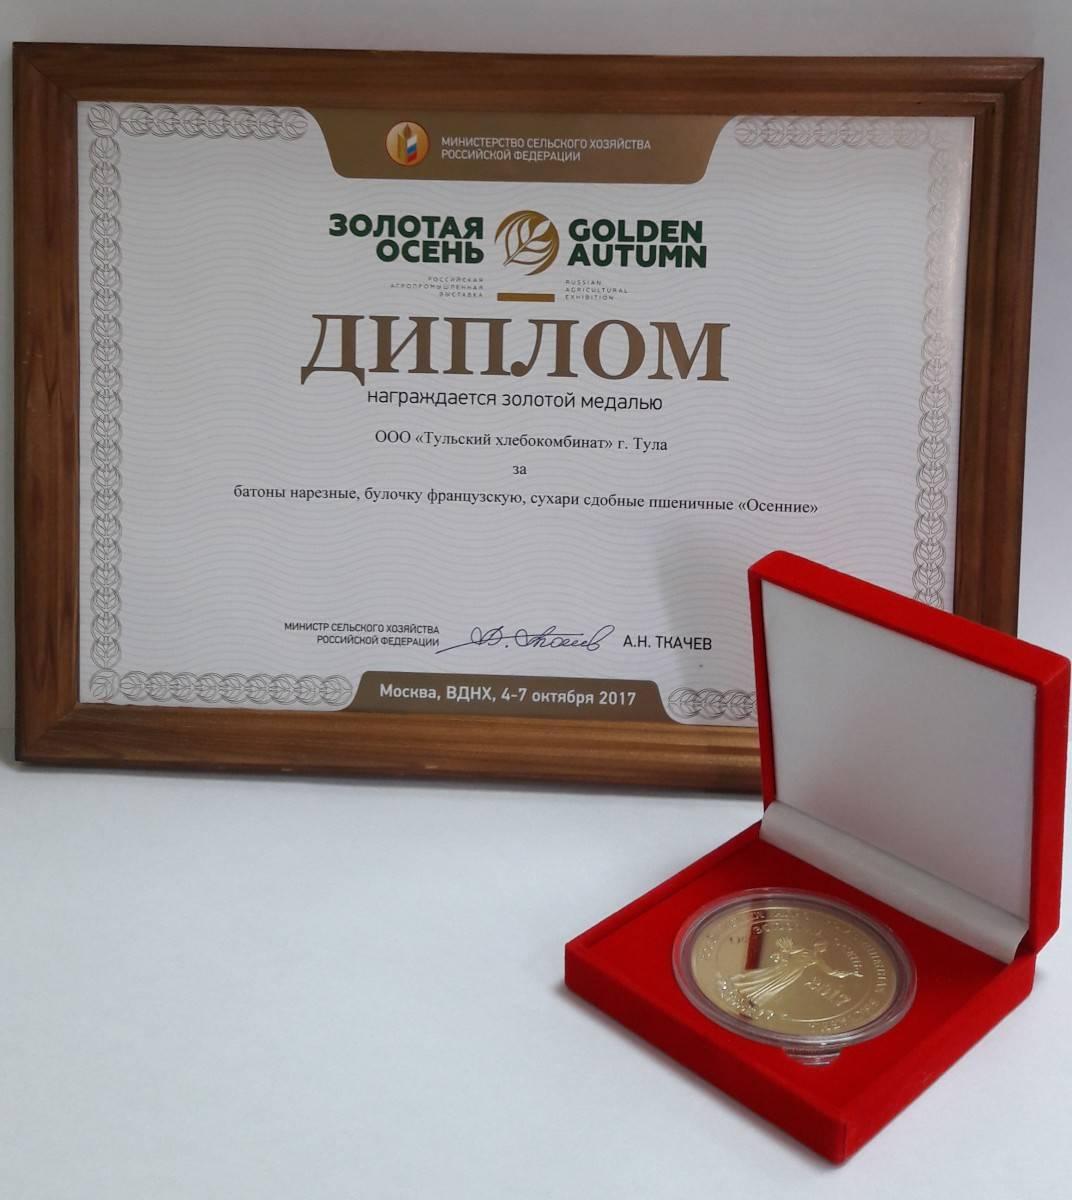 """Кончаловский и крок получили высшие награды форума """"золотой витязь"""""""